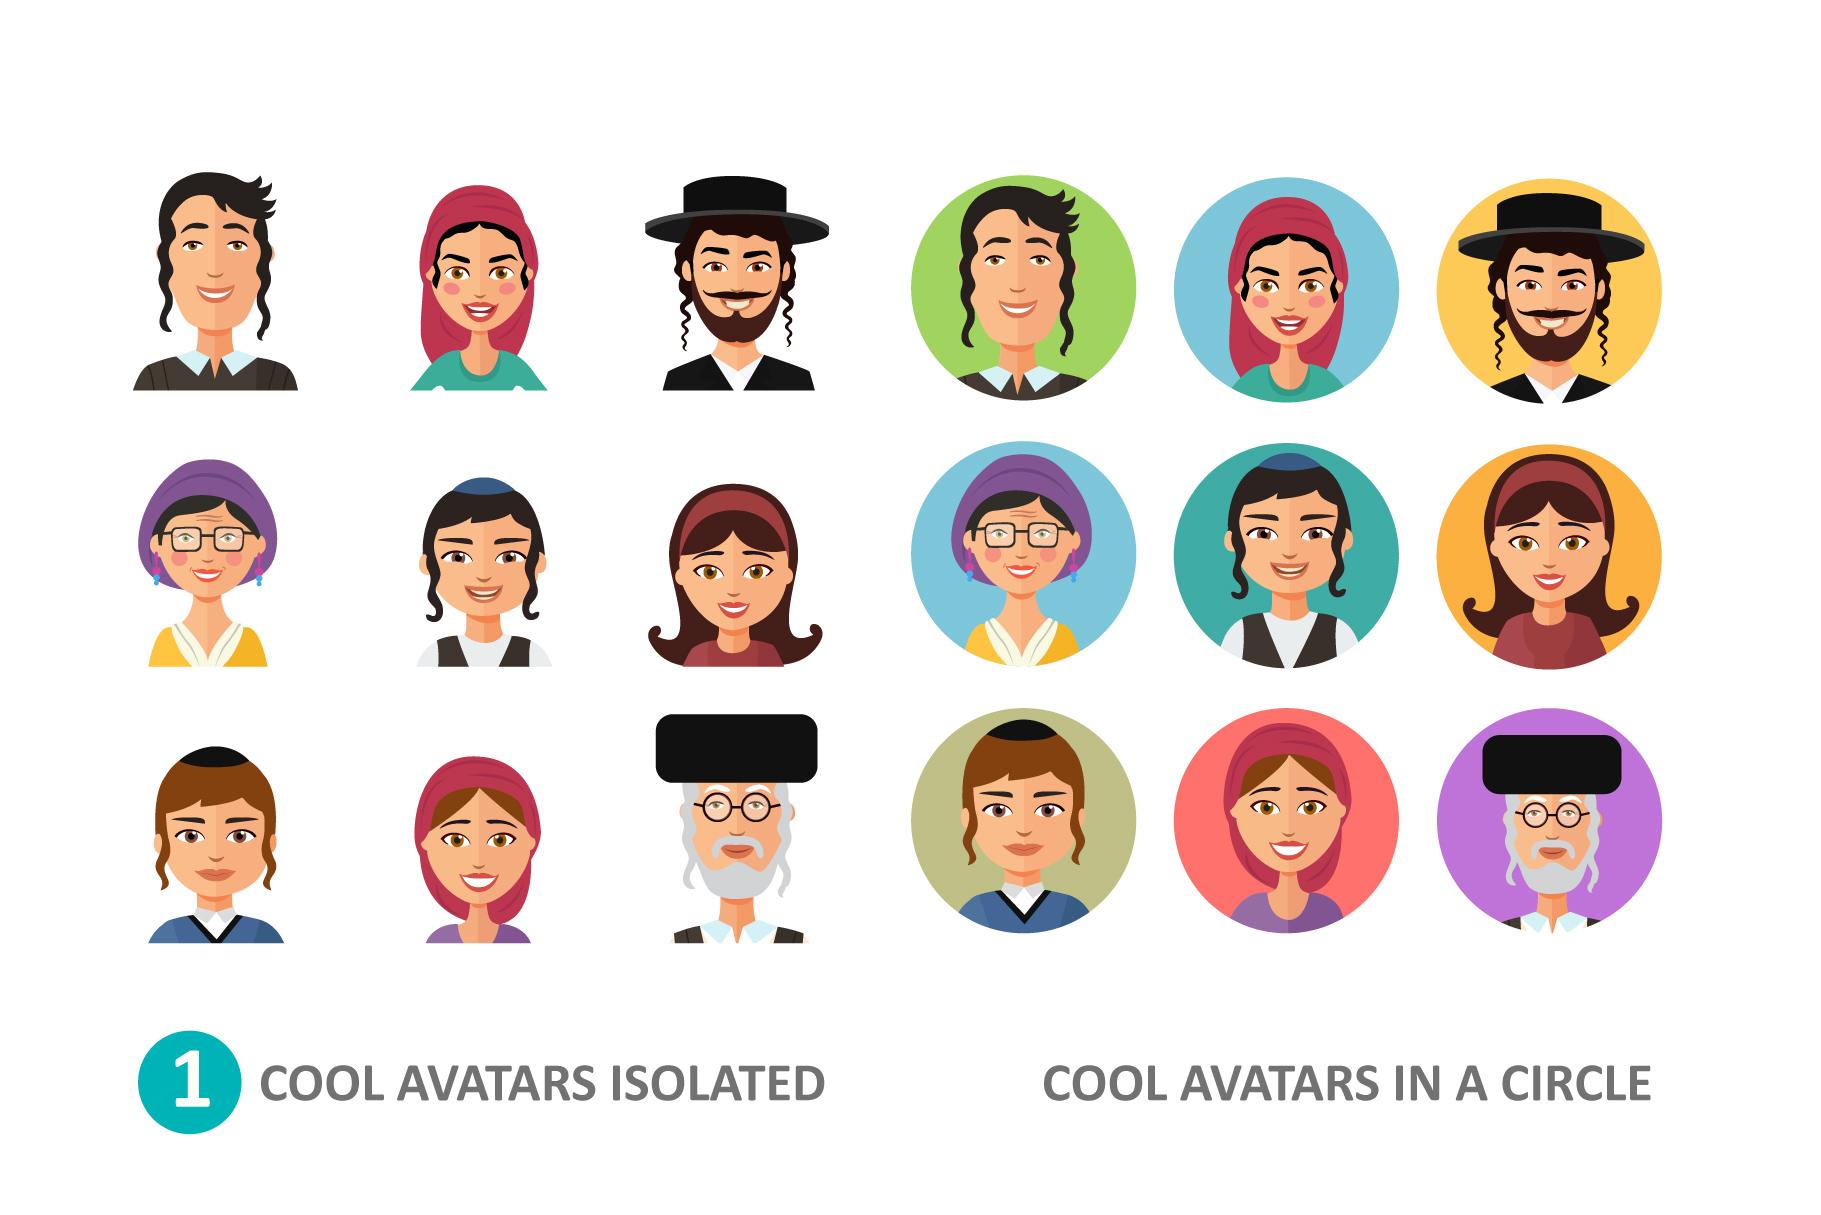 Jewish avatars family cartoon flat example image 2